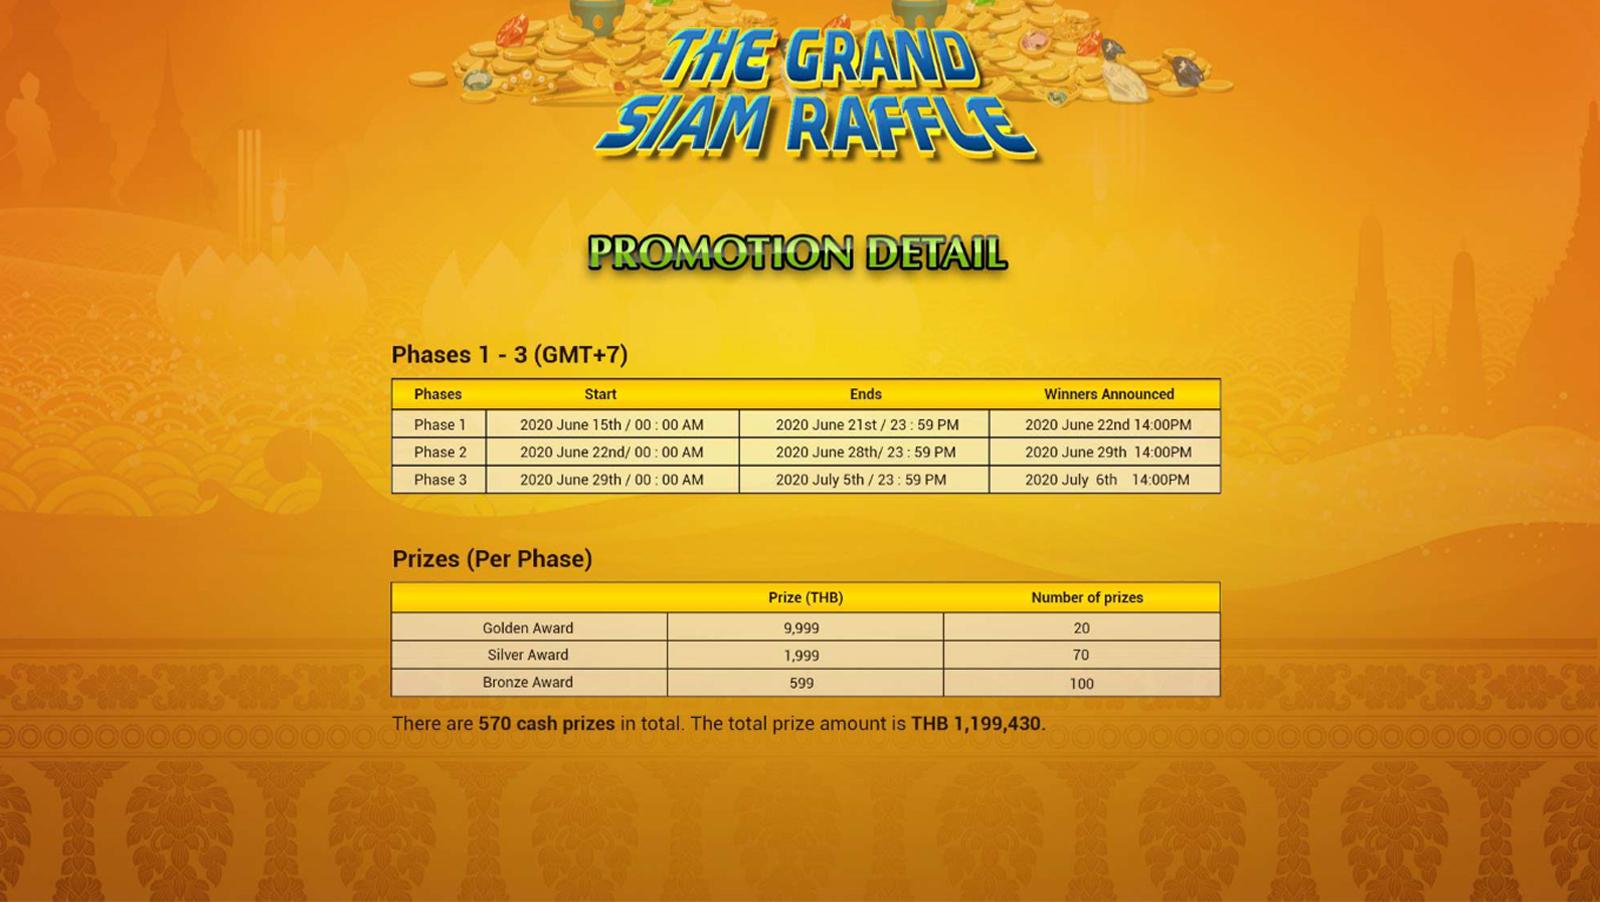 The Grand siam raffle